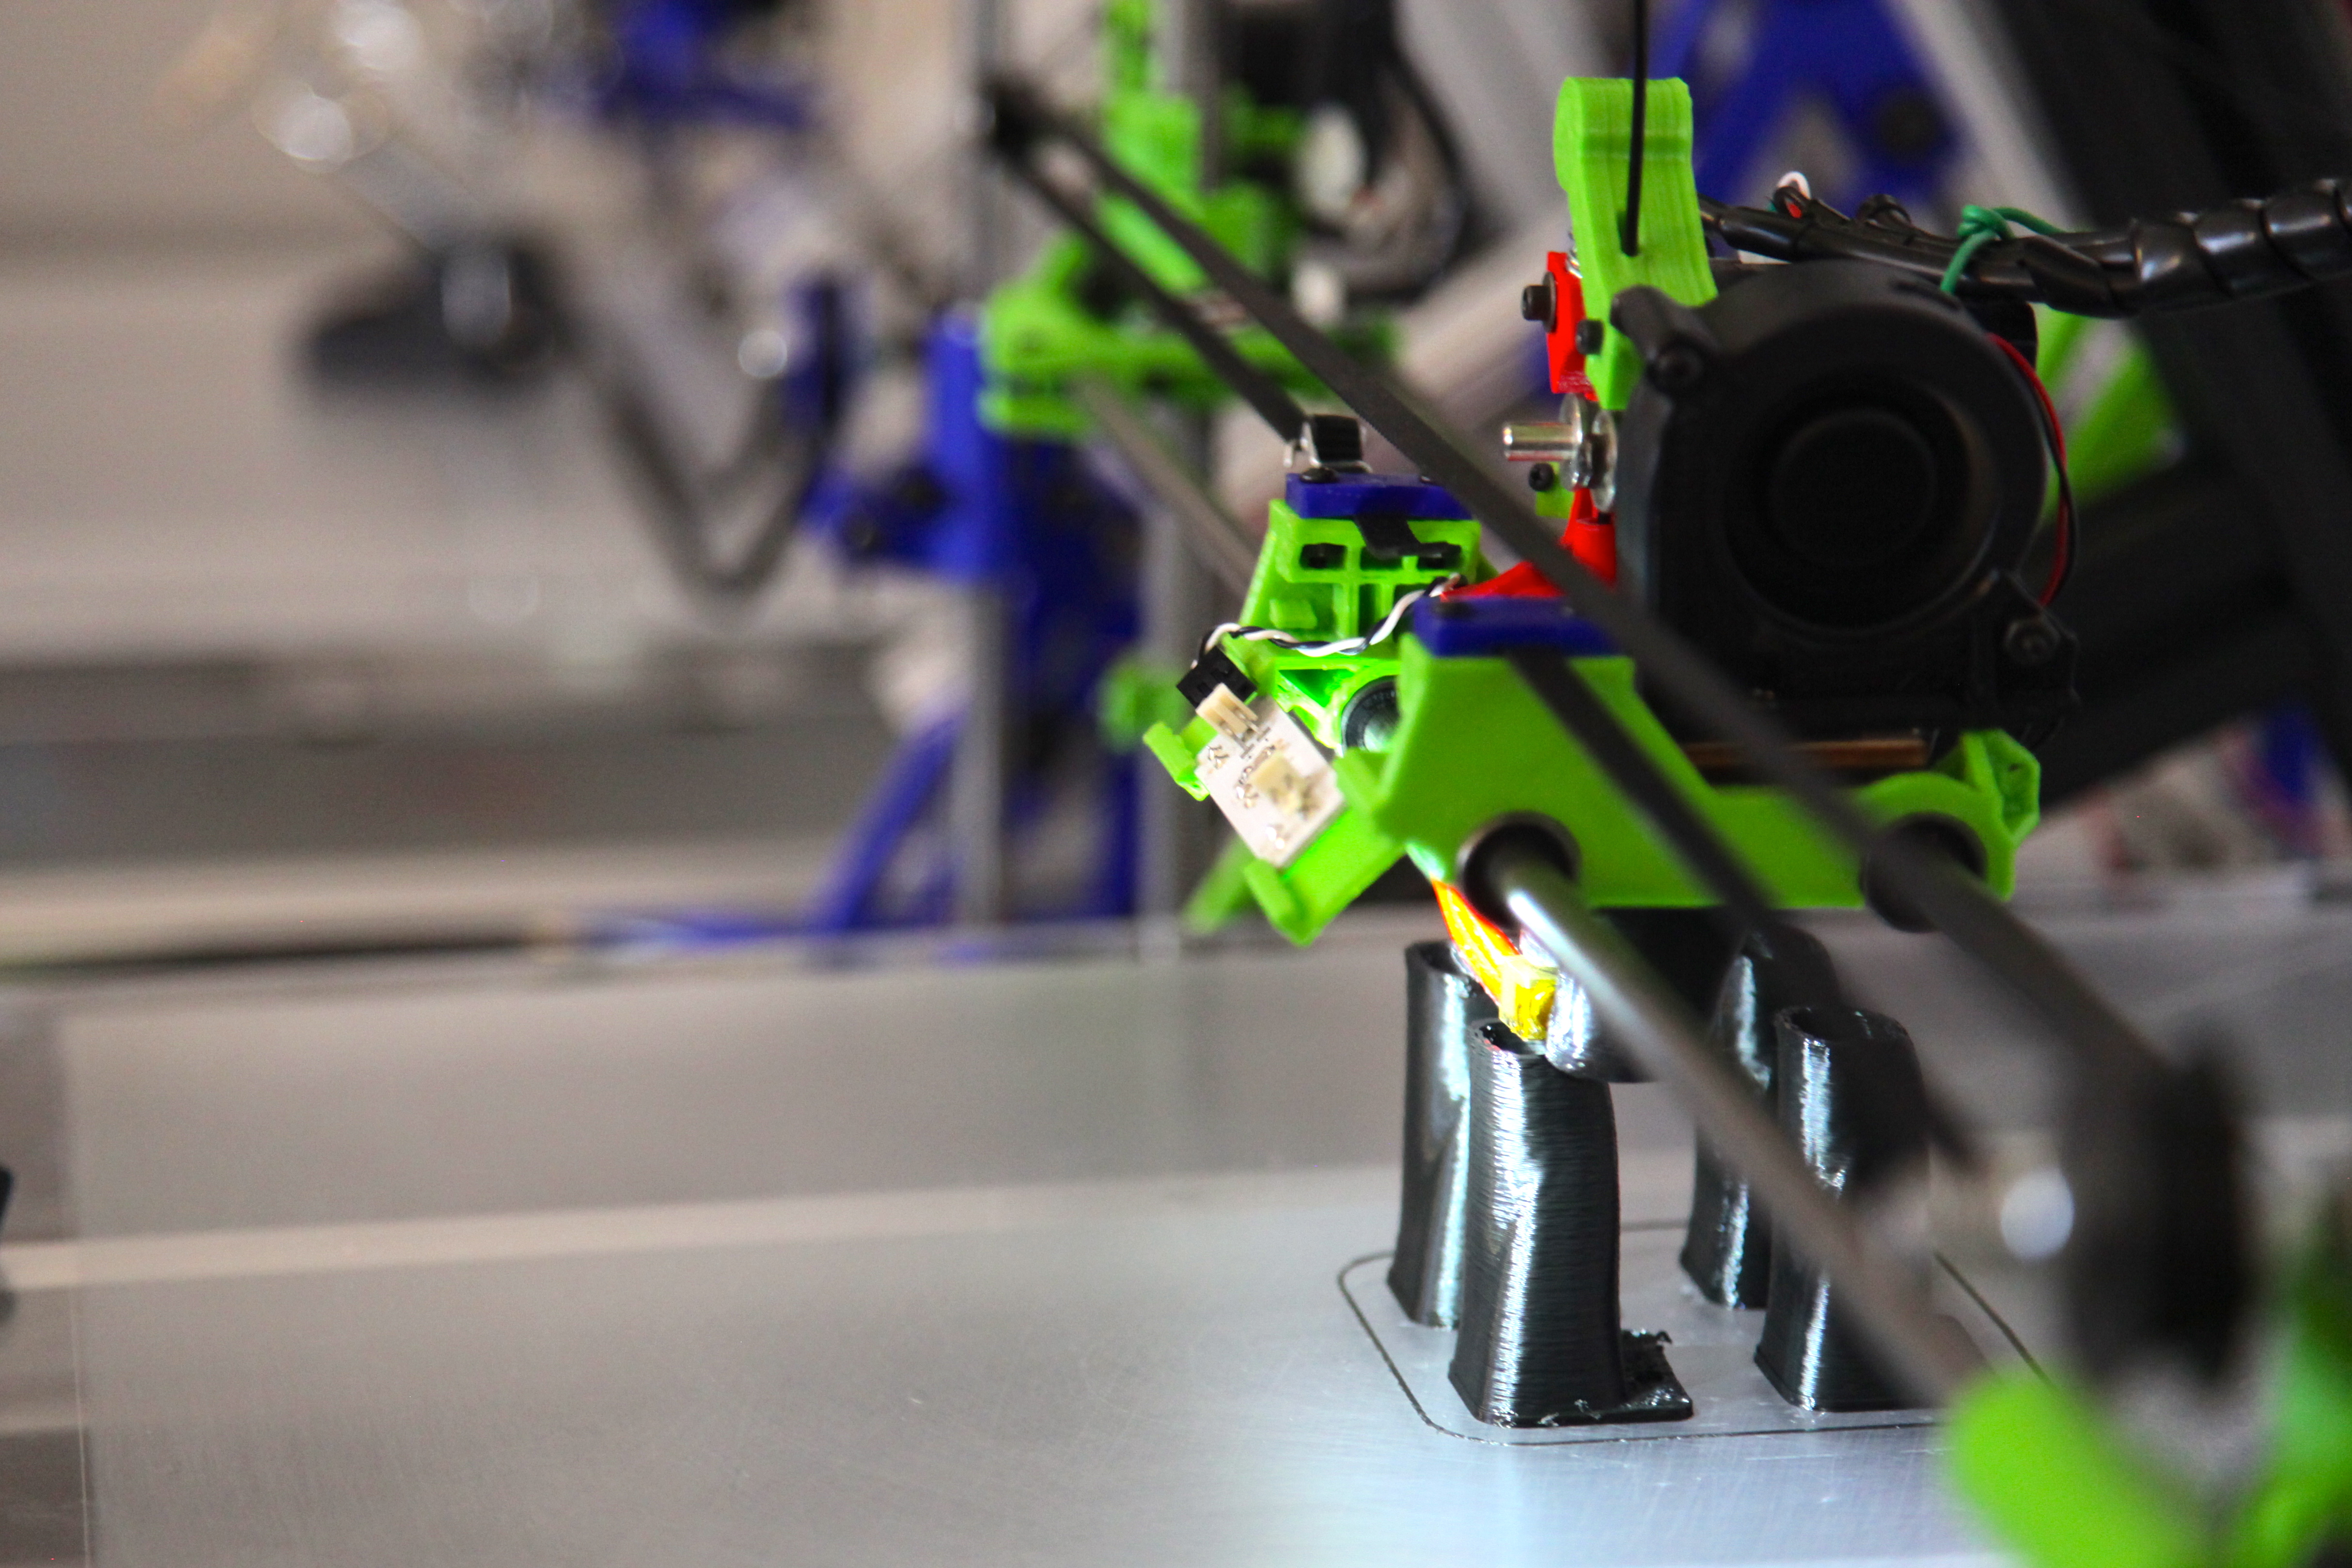 crowdfunding per aiutare i bambini disabili con la stampa 3D